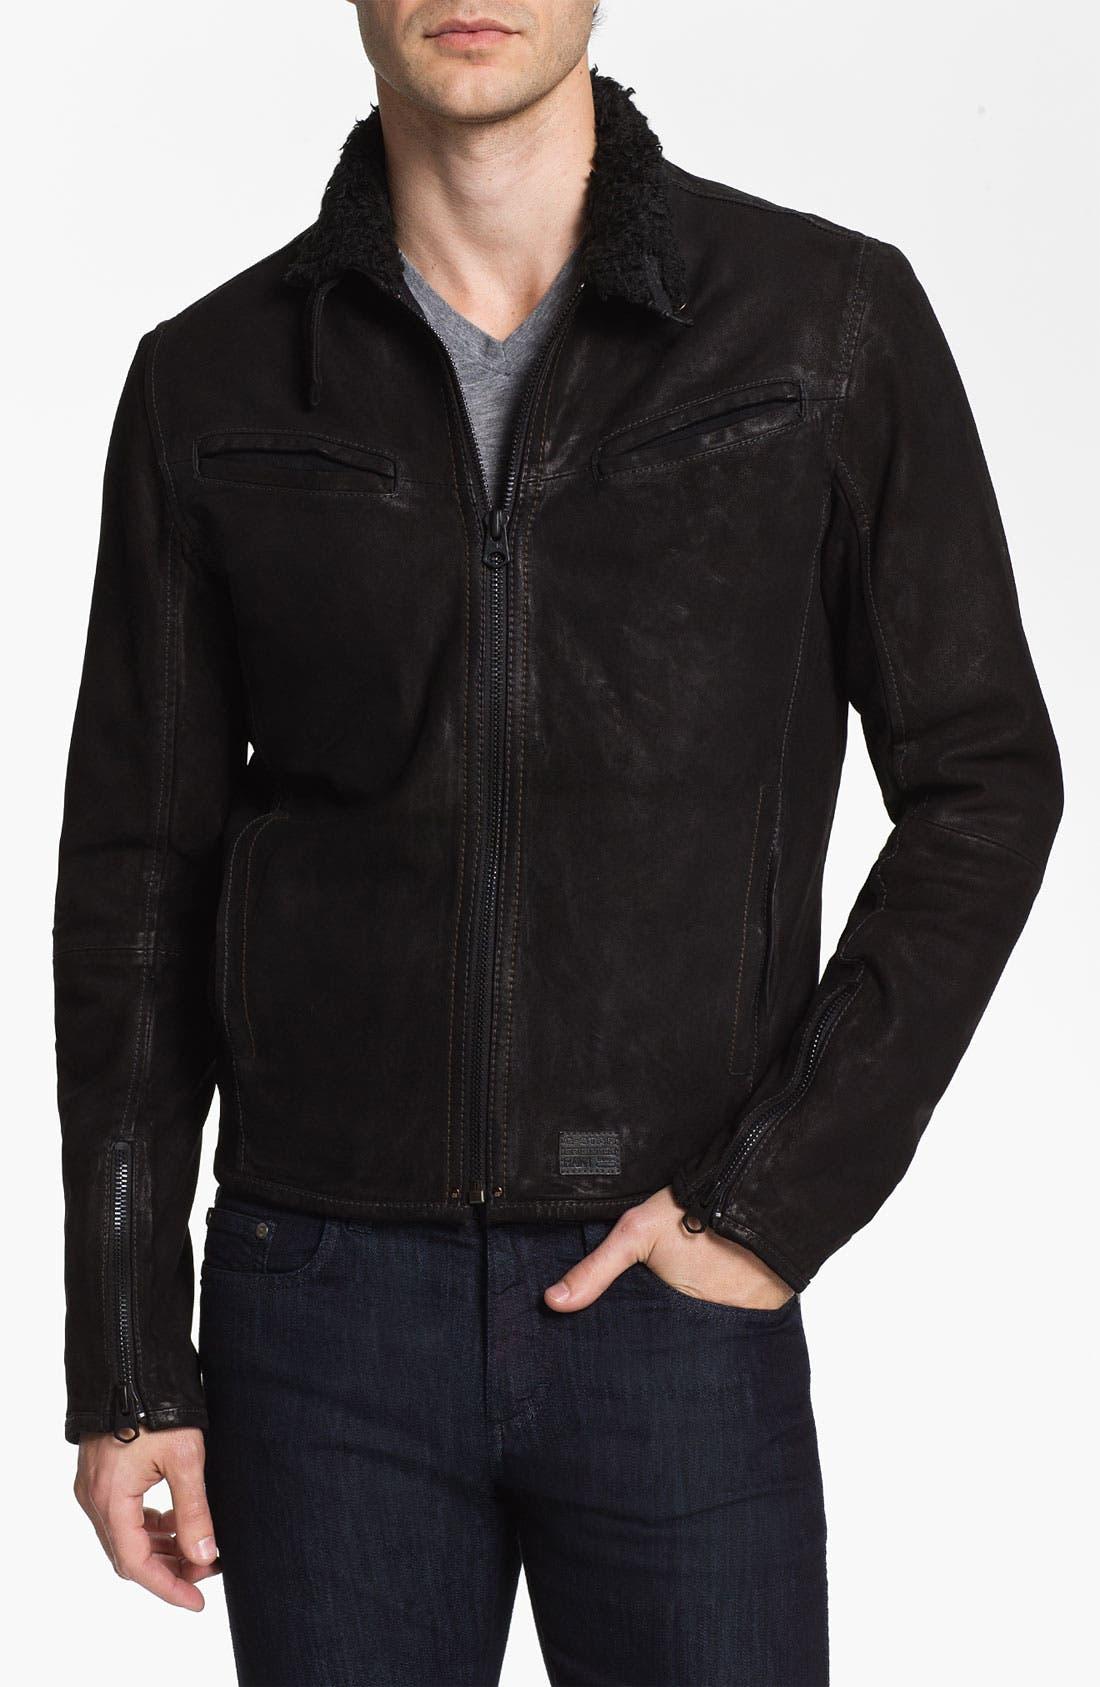 Alternate Image 1 Selected - G-Star Raw 'Saddle' Leather Jacket